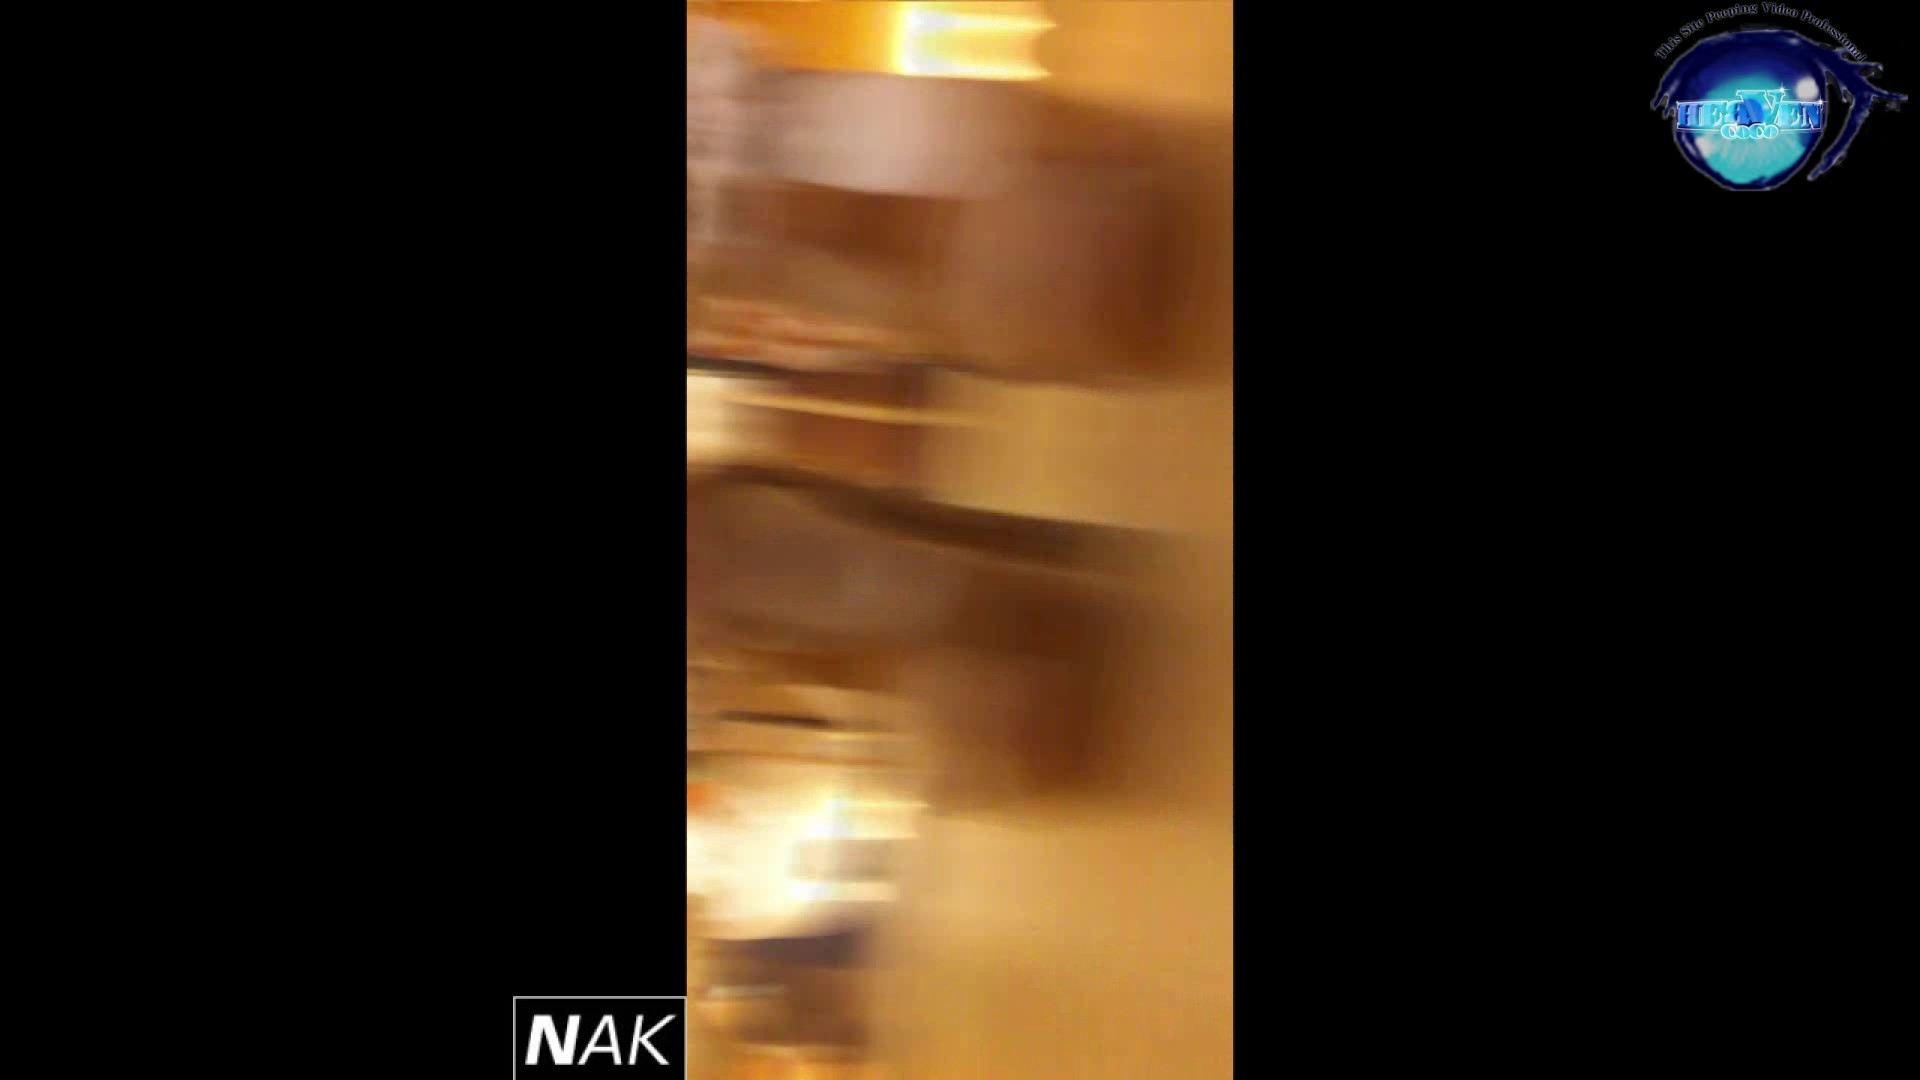 ハイビジョン盗撮!ショップ店員千人斬り!パンチラ編 vol.32 オマタ 盗み撮り動画キャプチャ 88pic 55